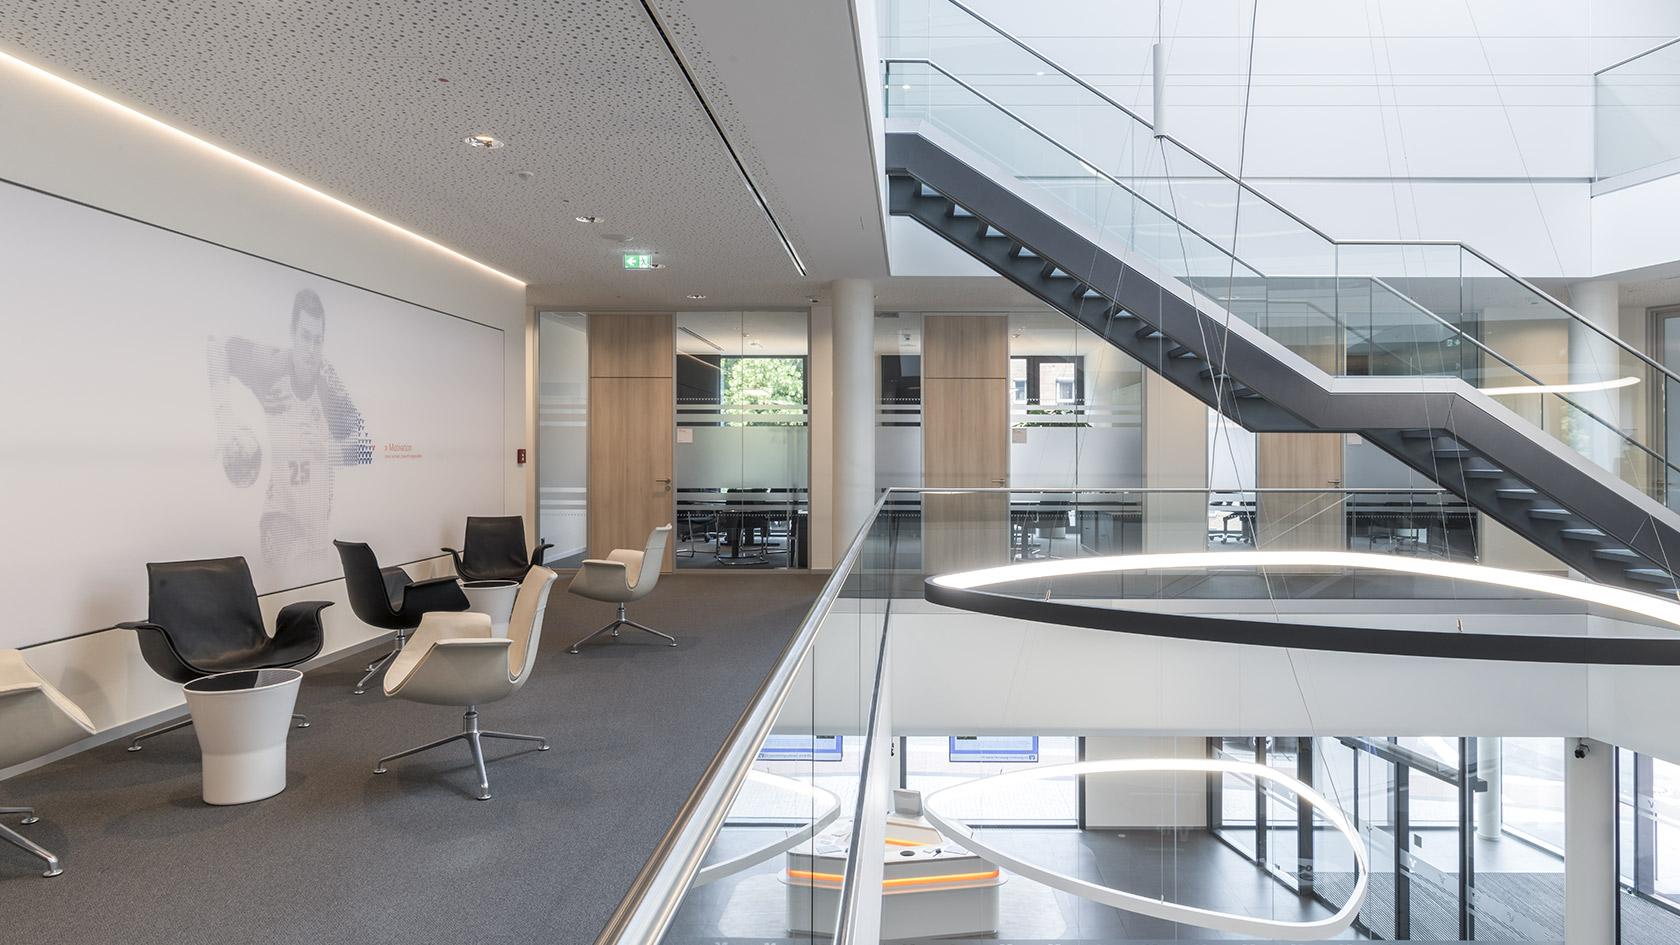 VR Bank Flensburg